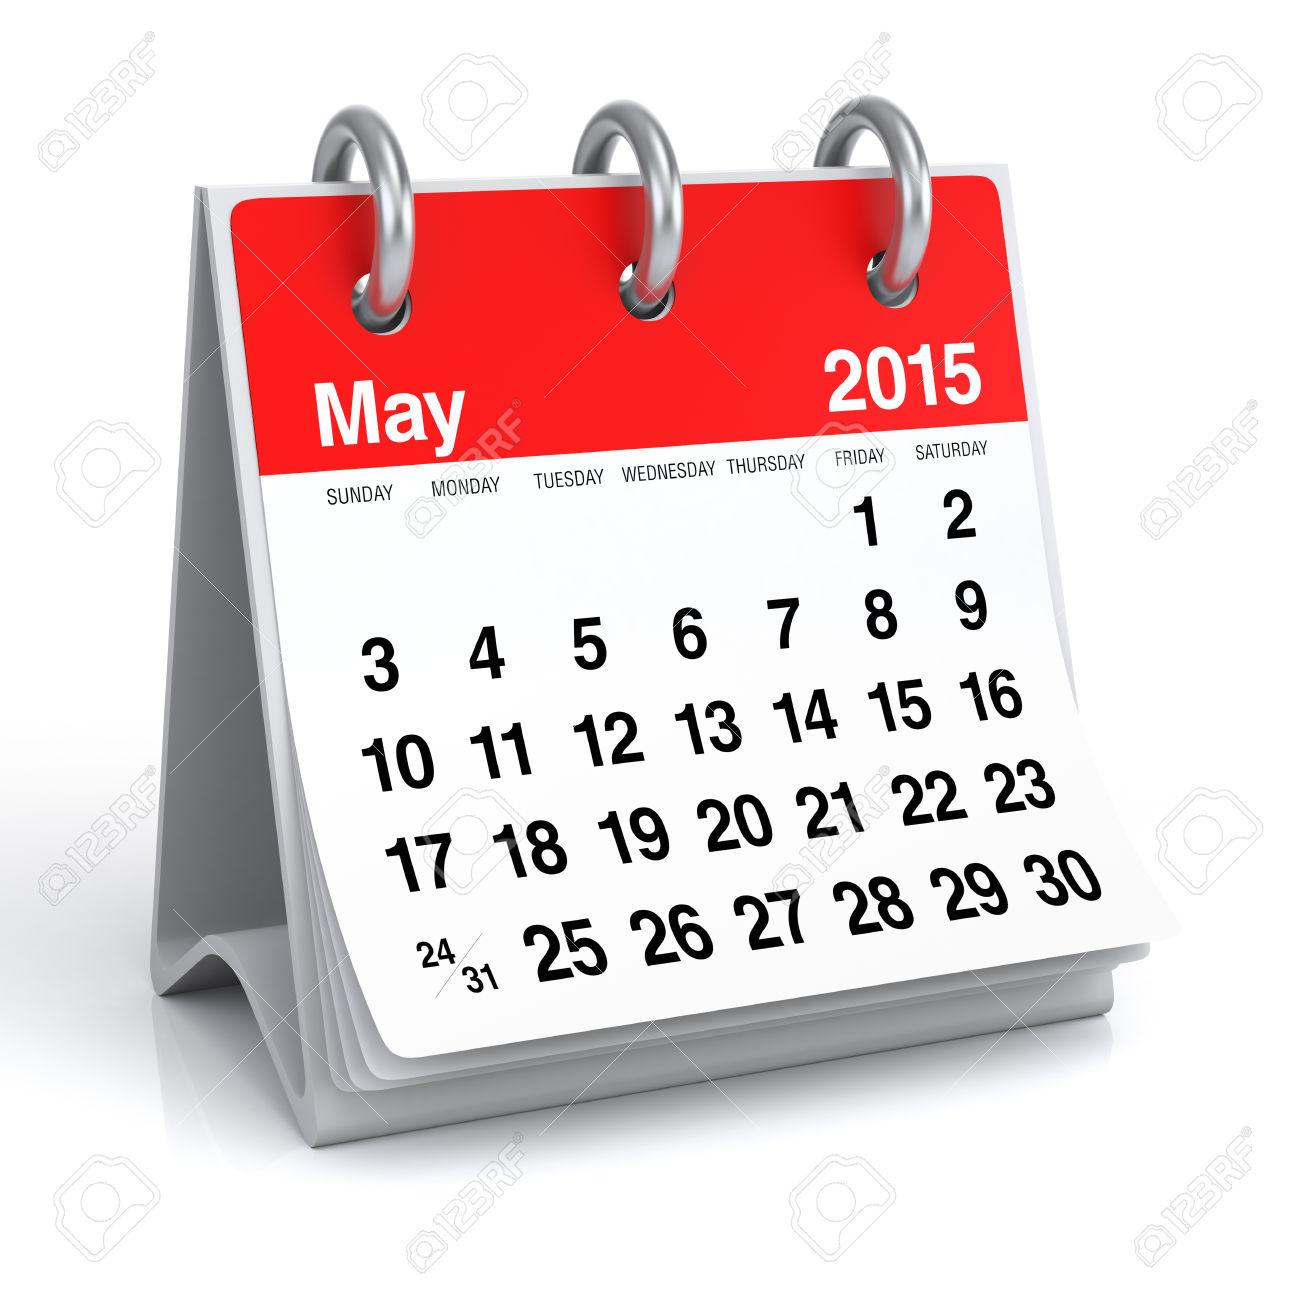 Clipart calendar august 2015 clipart stock August 31st calendar clipart - ClipartFest clipart stock